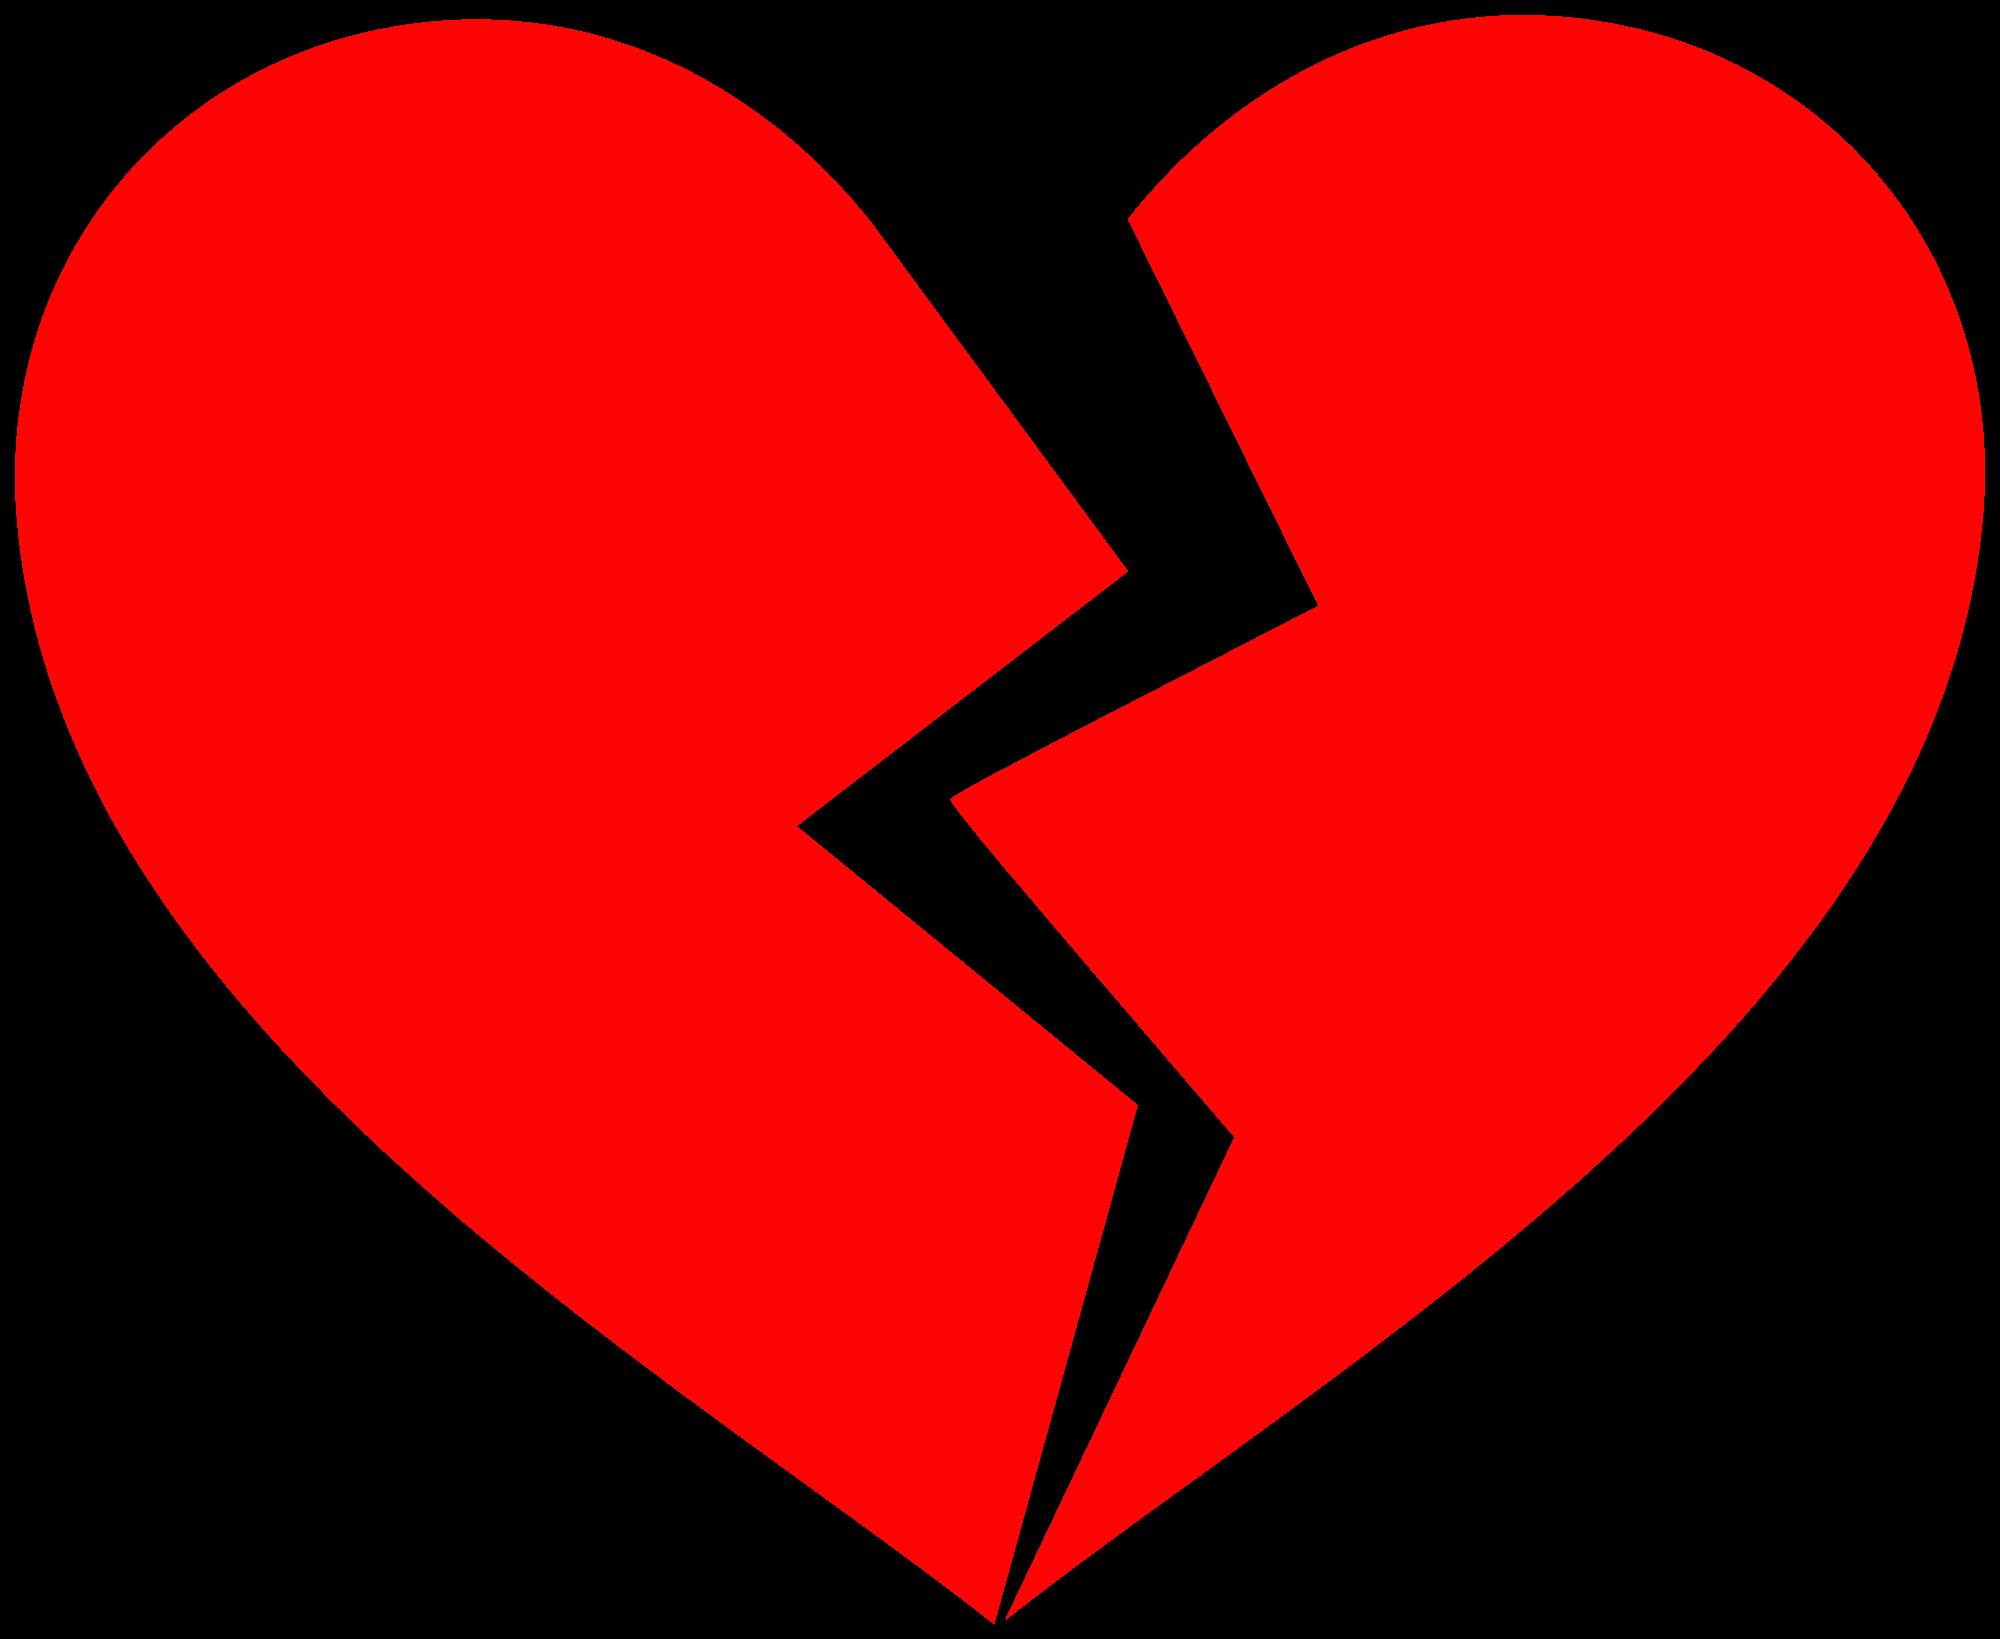 best broken heart. Hearts clipart dagger